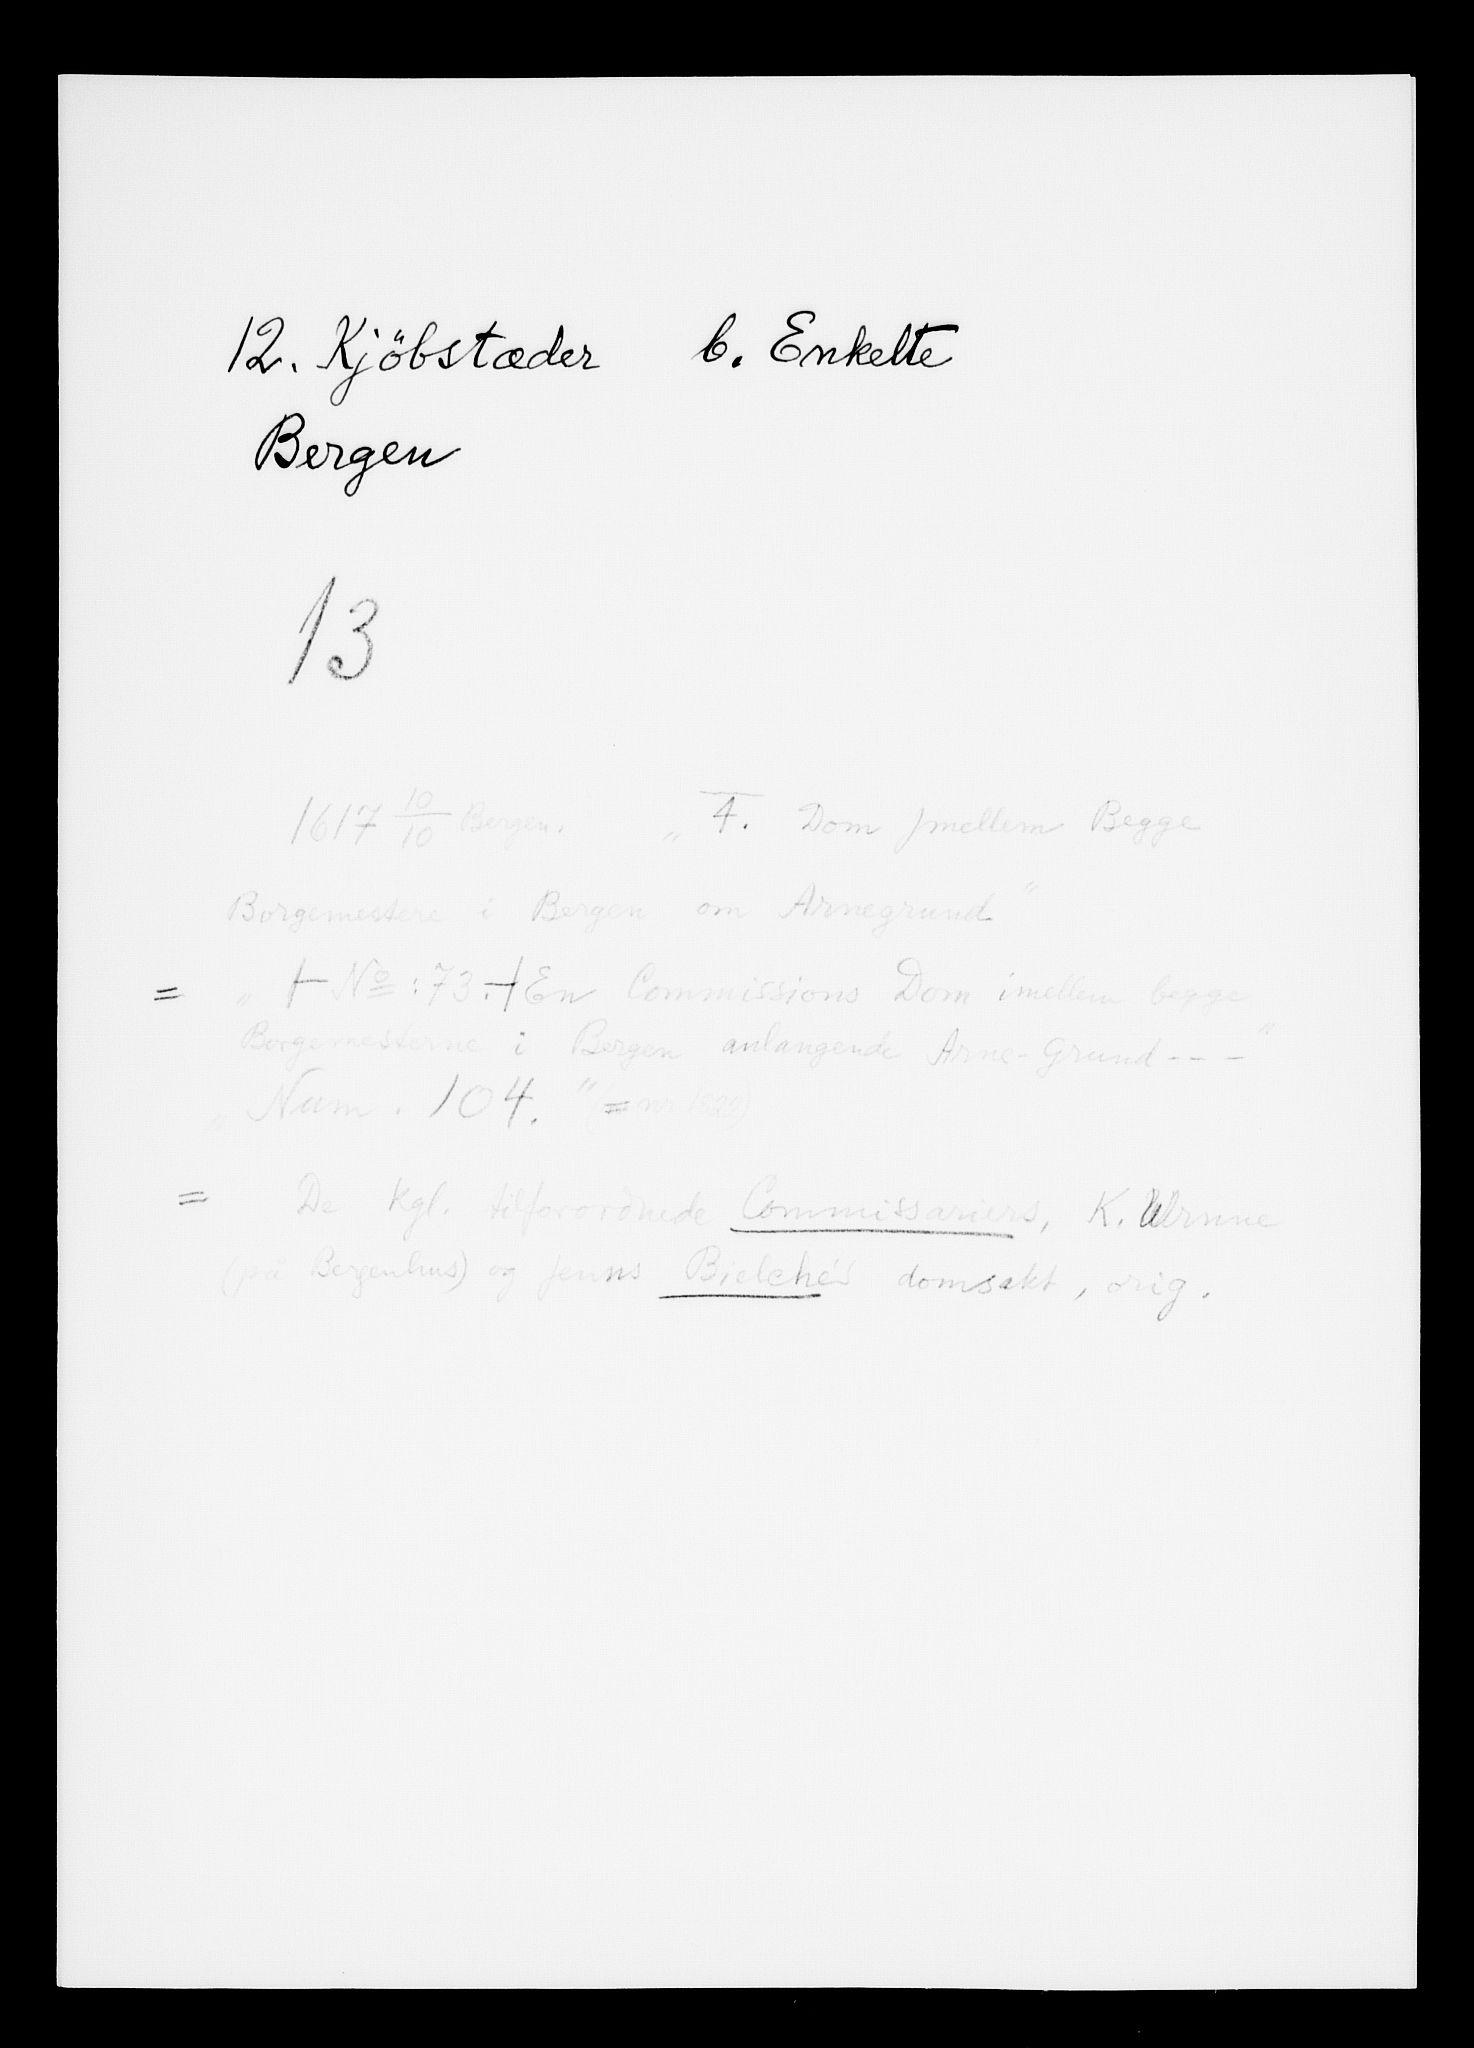 RA, Danske Kanselli, Skapsaker, F/L0003: Skap 8, pakke 73-95, 1616-1691, s. 3